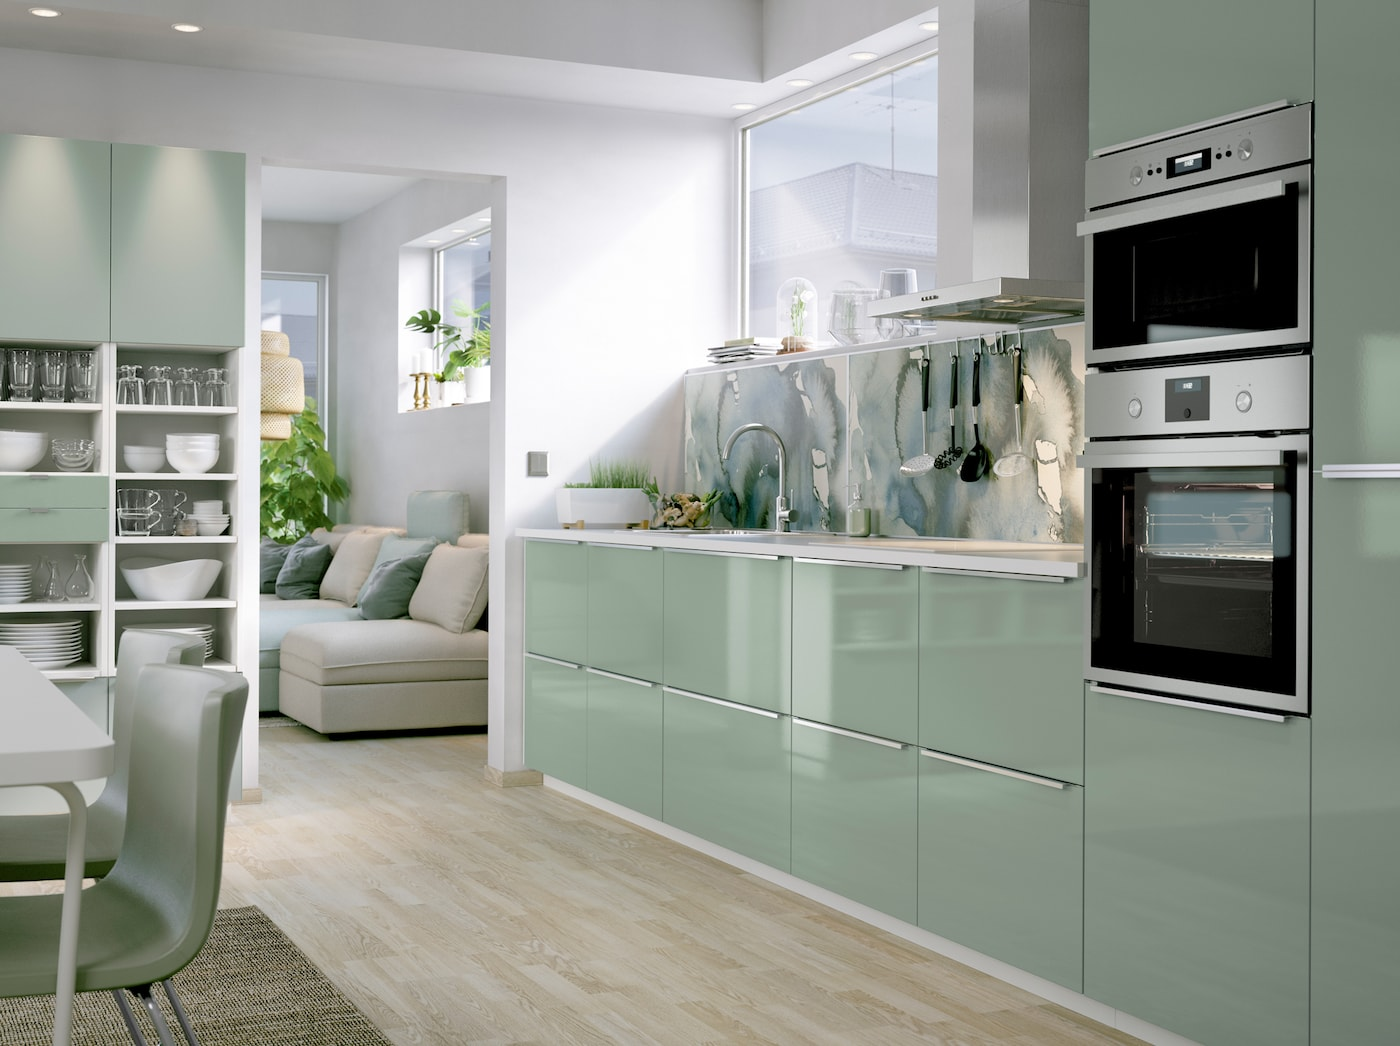 Walnoot Ikea Keuken : Keuken stijlen ikea